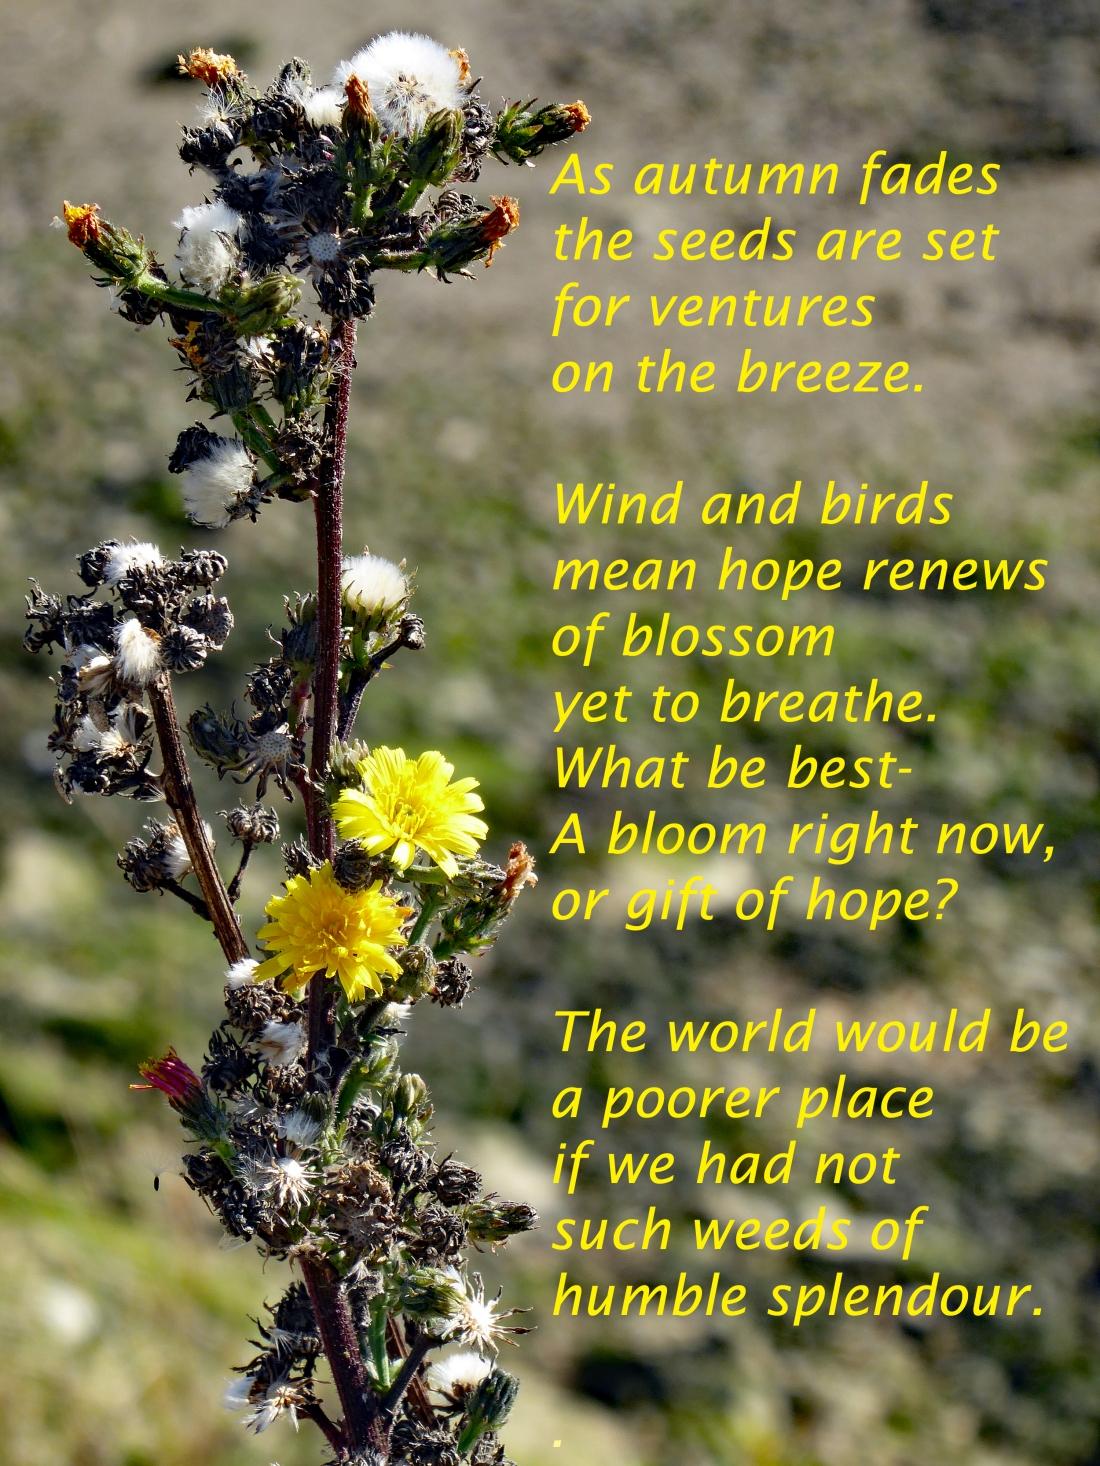 weeds of humble splendour